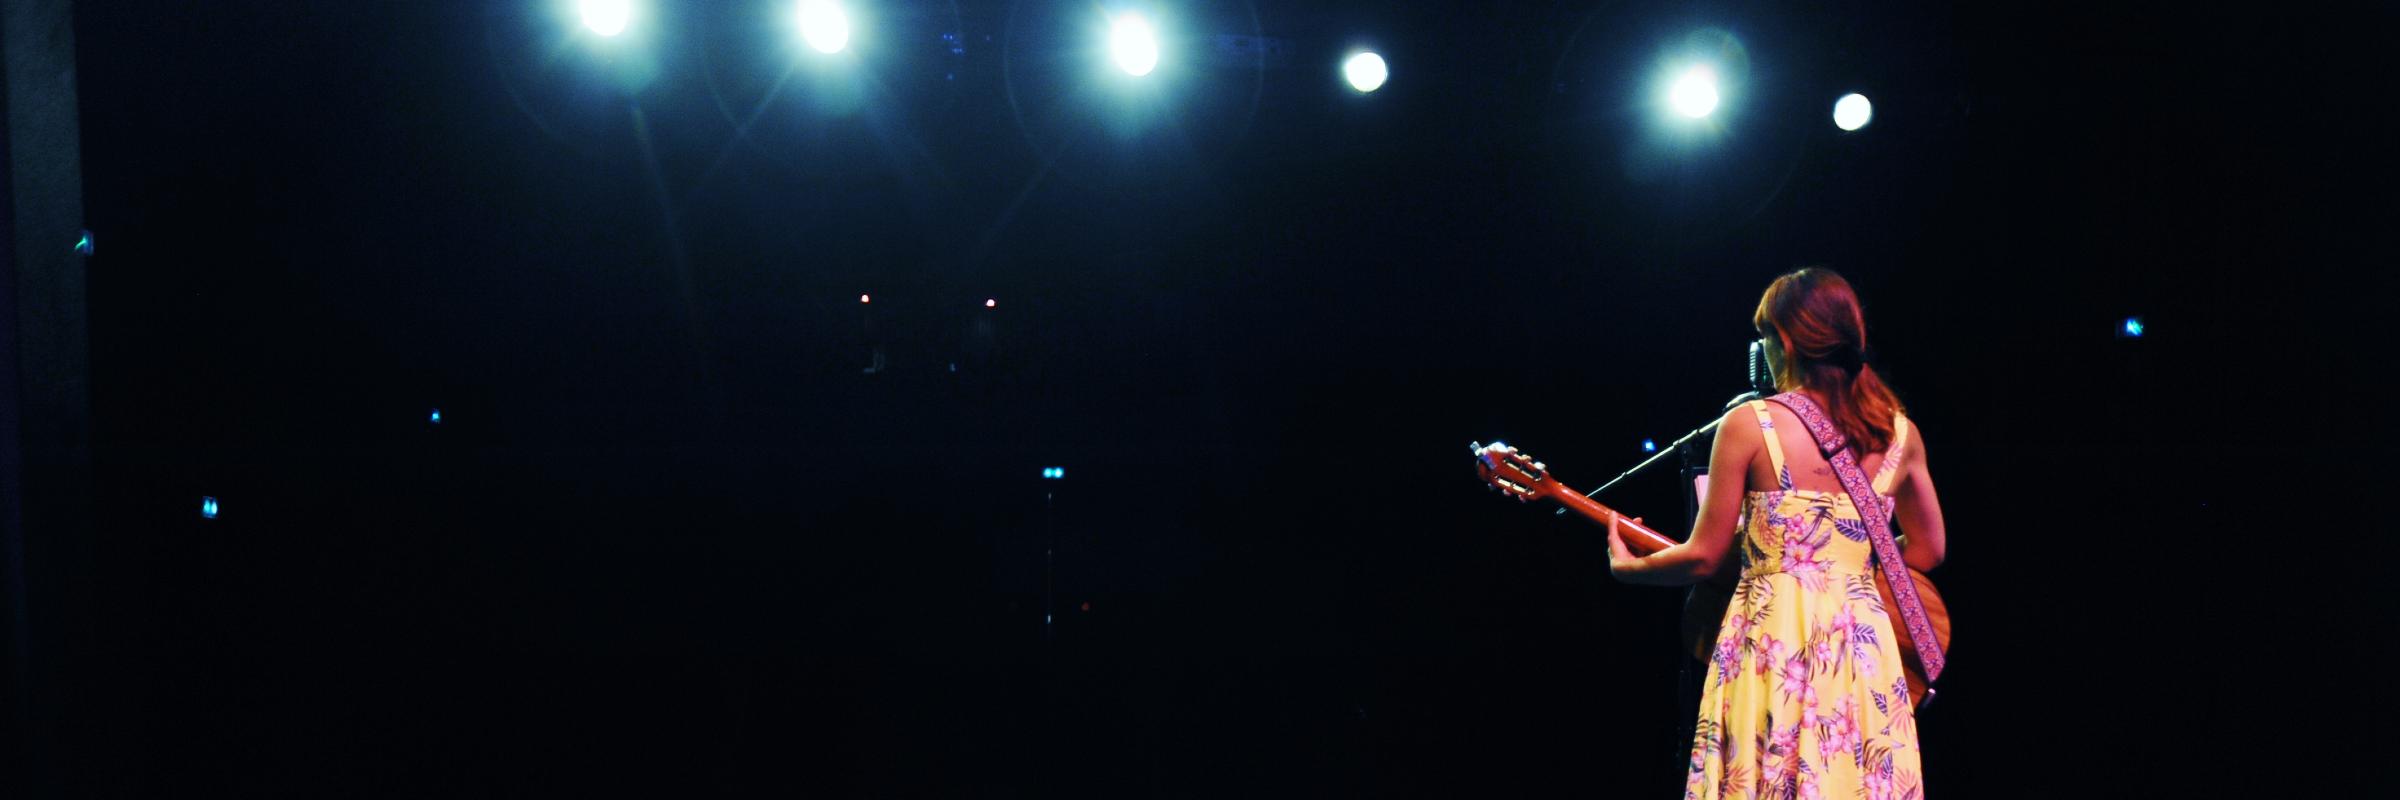 Alice Darlix, musicien Chanteur en représentation à Haute Savoie - photo de couverture n° 1